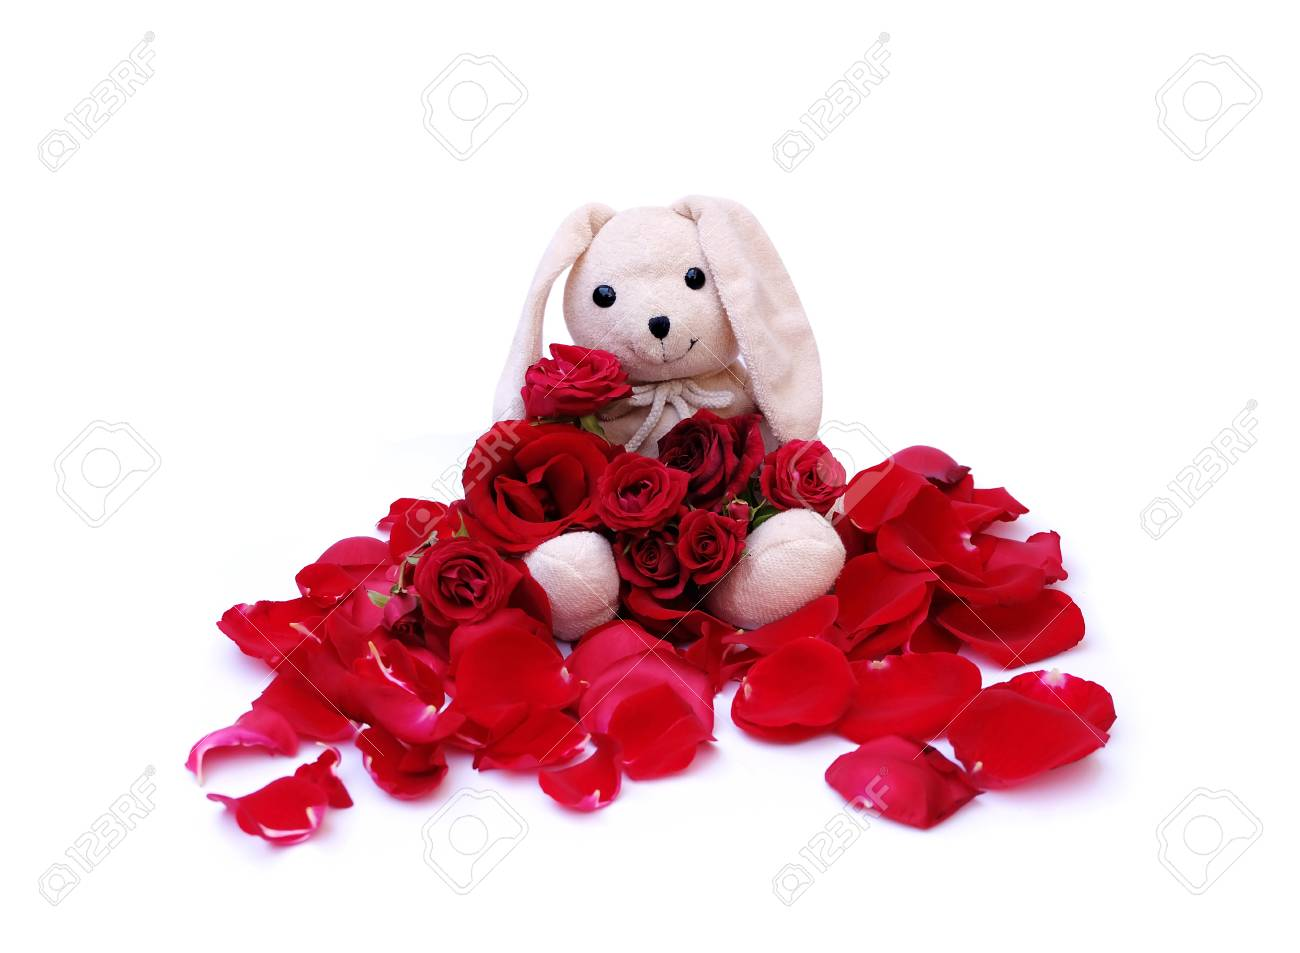 Cute Rabbit Doll Tiene Un Ramo De Rosas Rojas Para Alguien Especial En Un Día Específico